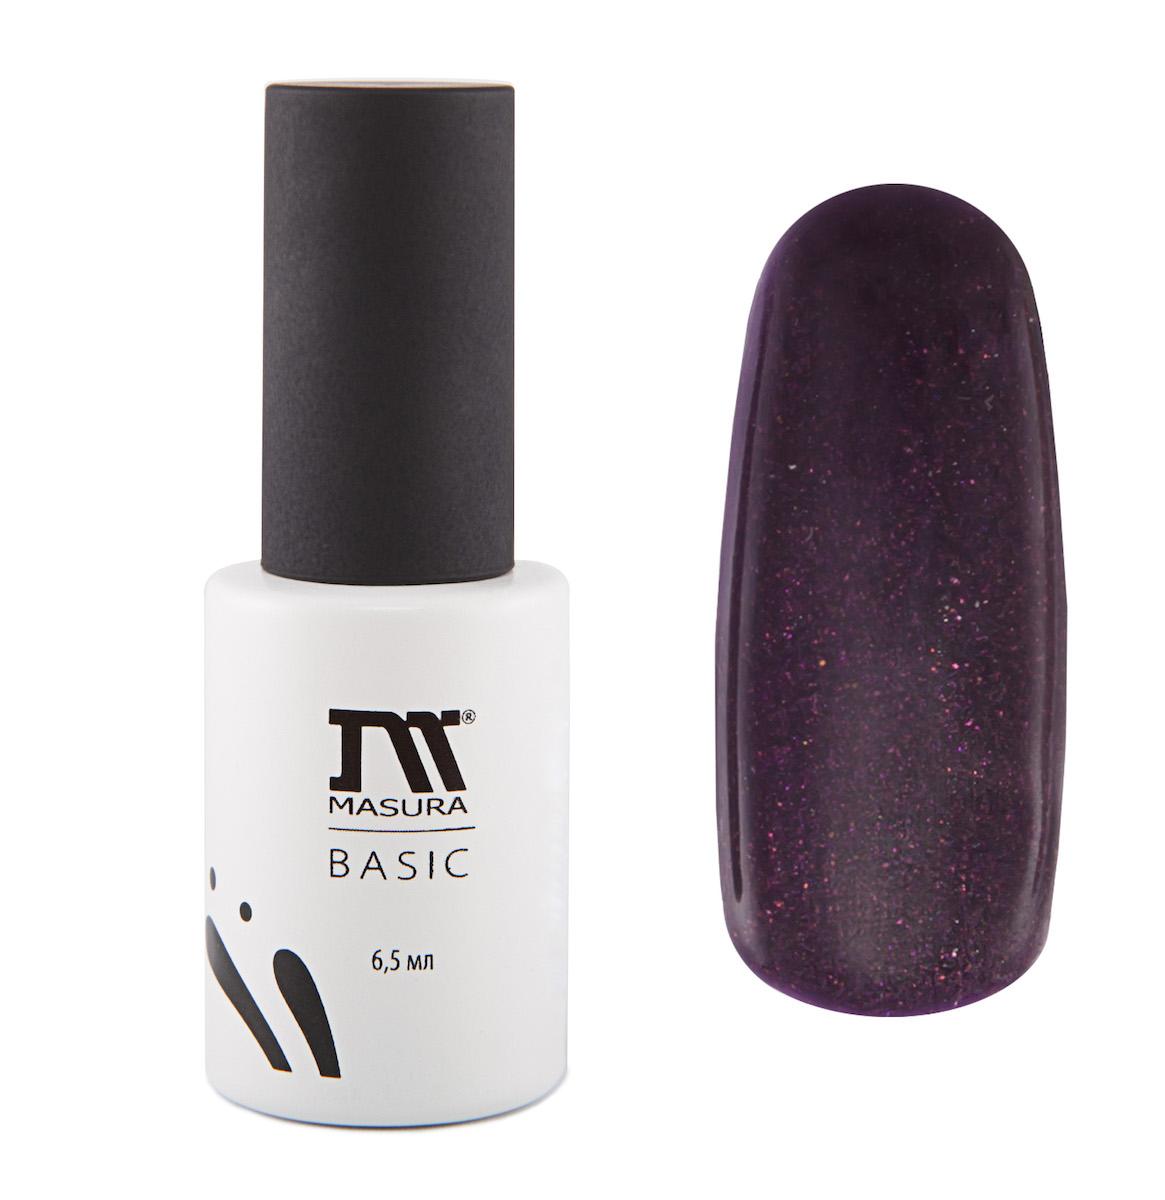 Masura Гель-лаки BASIC Марко Поло, 6,5 мл294-90Темно-фиолетовый с мелким голографическим и сиренево-бронзовым мерцанием, плотный